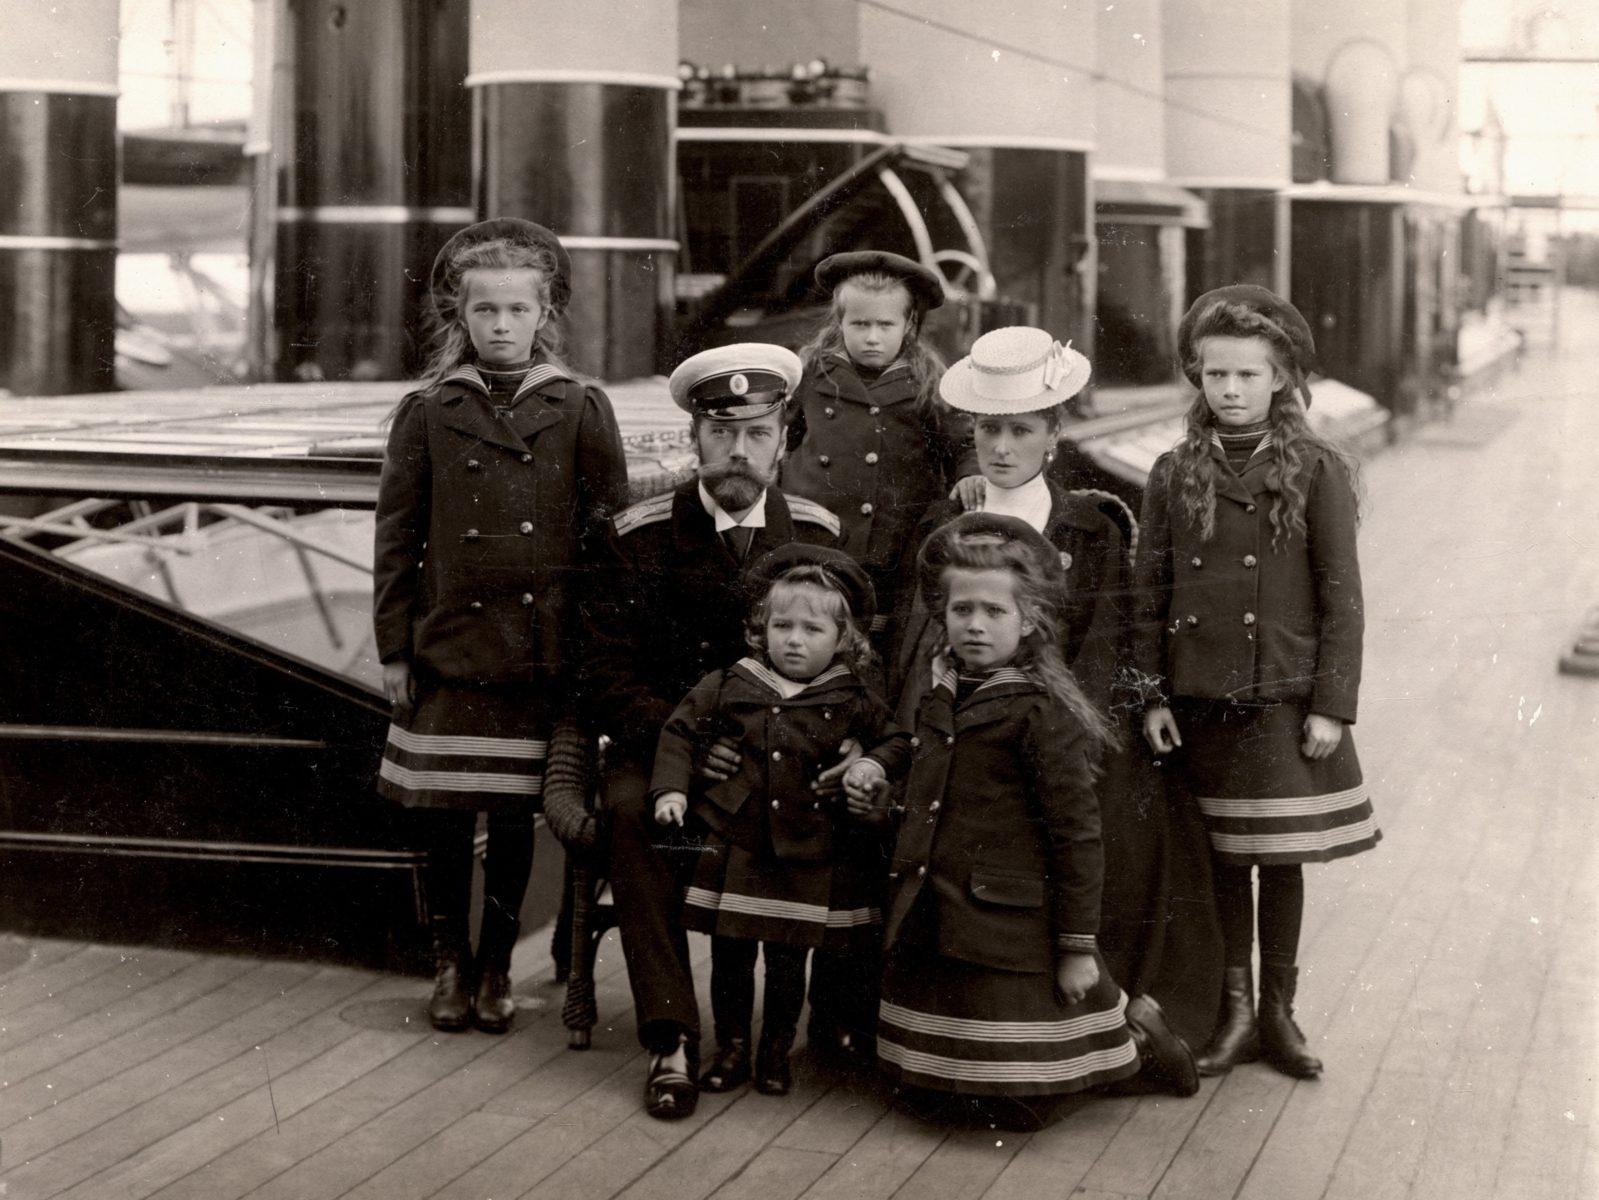 Выставка «Частная жизнь семьи императора Николая II. Фотографии из личных альбомов» в Музее-заповеднике «Измайлово» – события на сайте «Московские Сезоны»